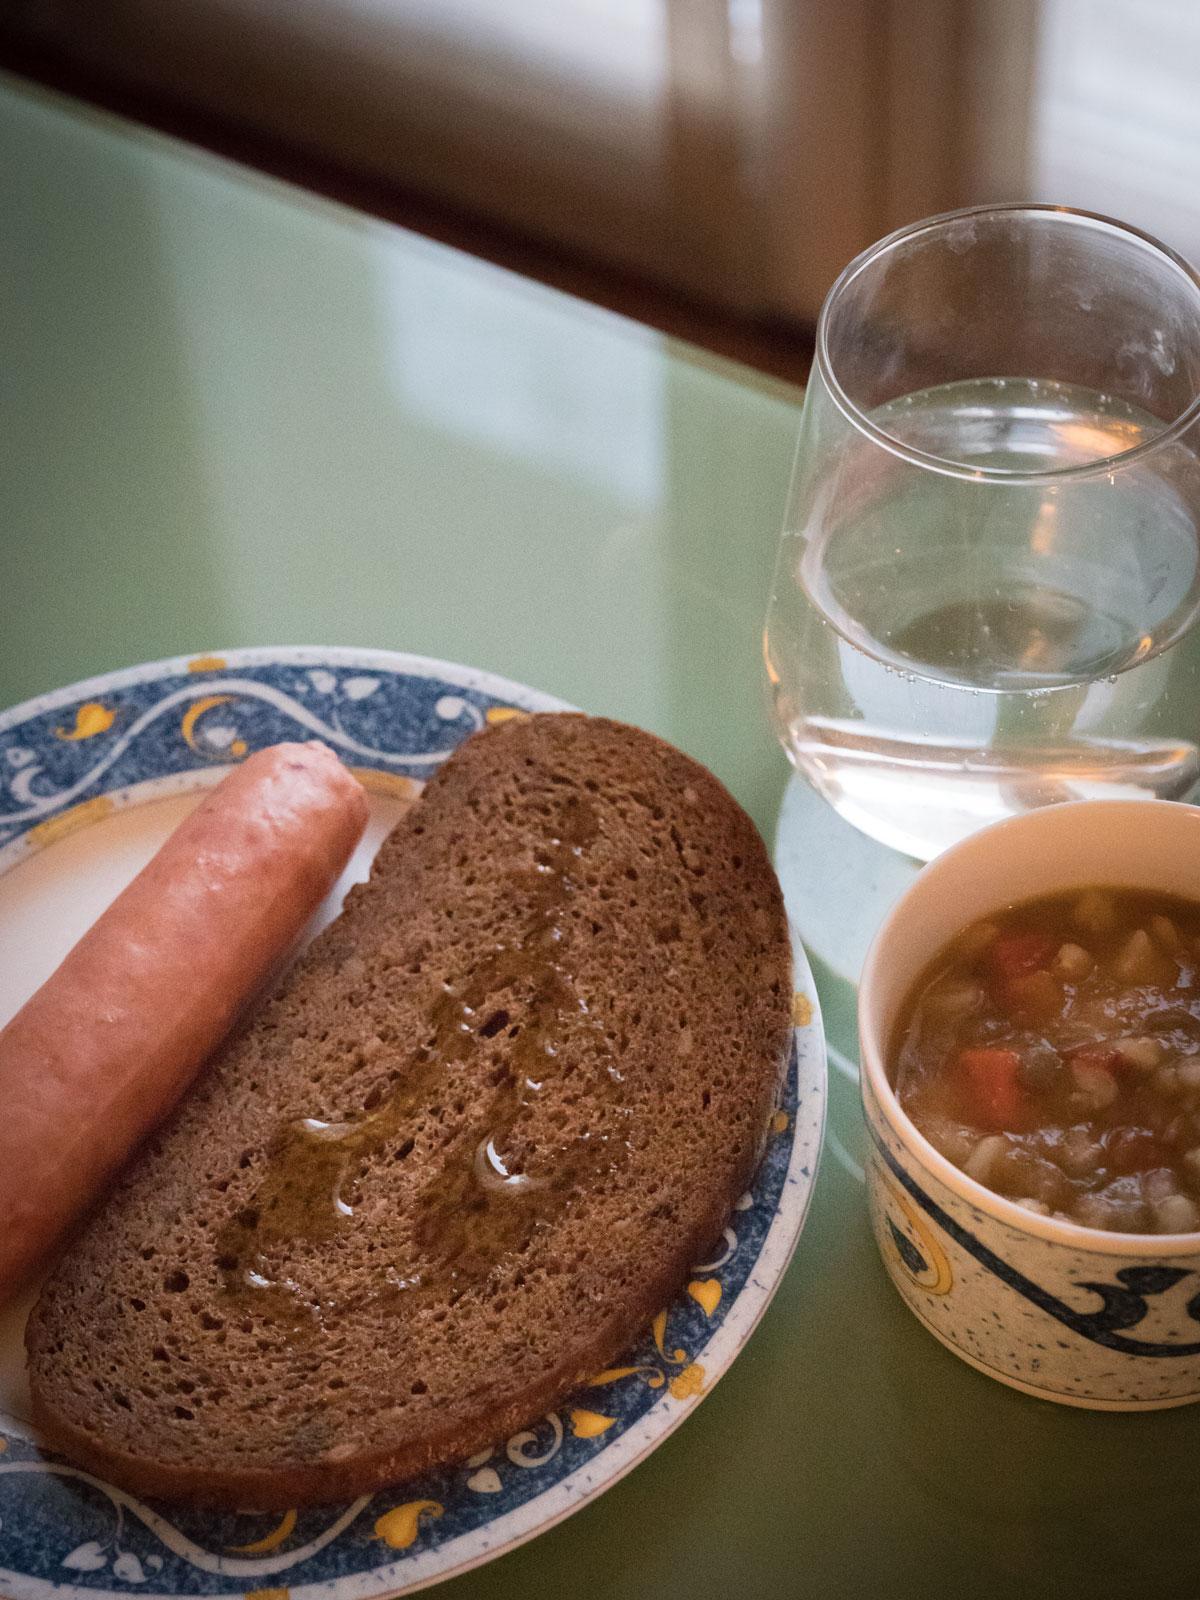 黒パンとソーセージ、ミネストローネ 超簡単な朝食朝食 DMC-GX8 + LEICA DG